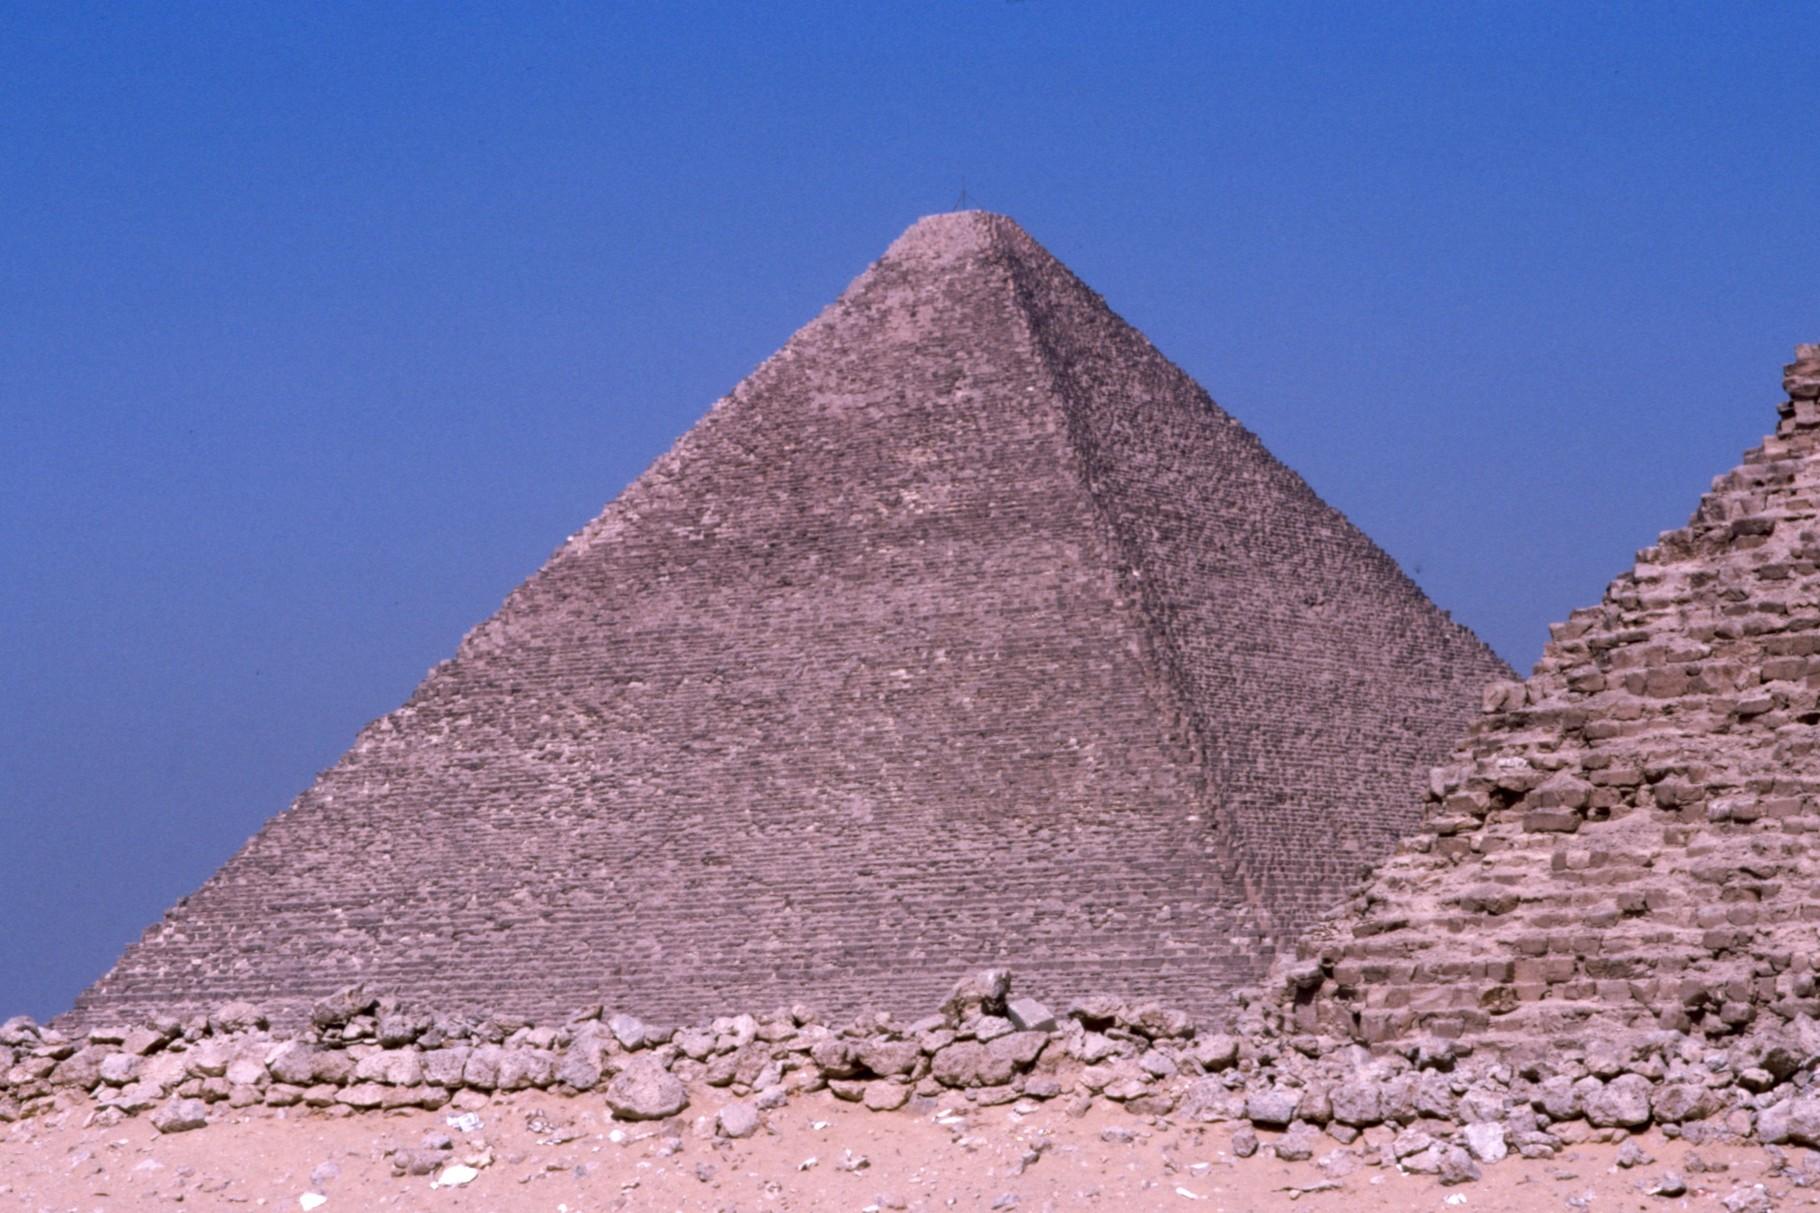 クフのピラミッド